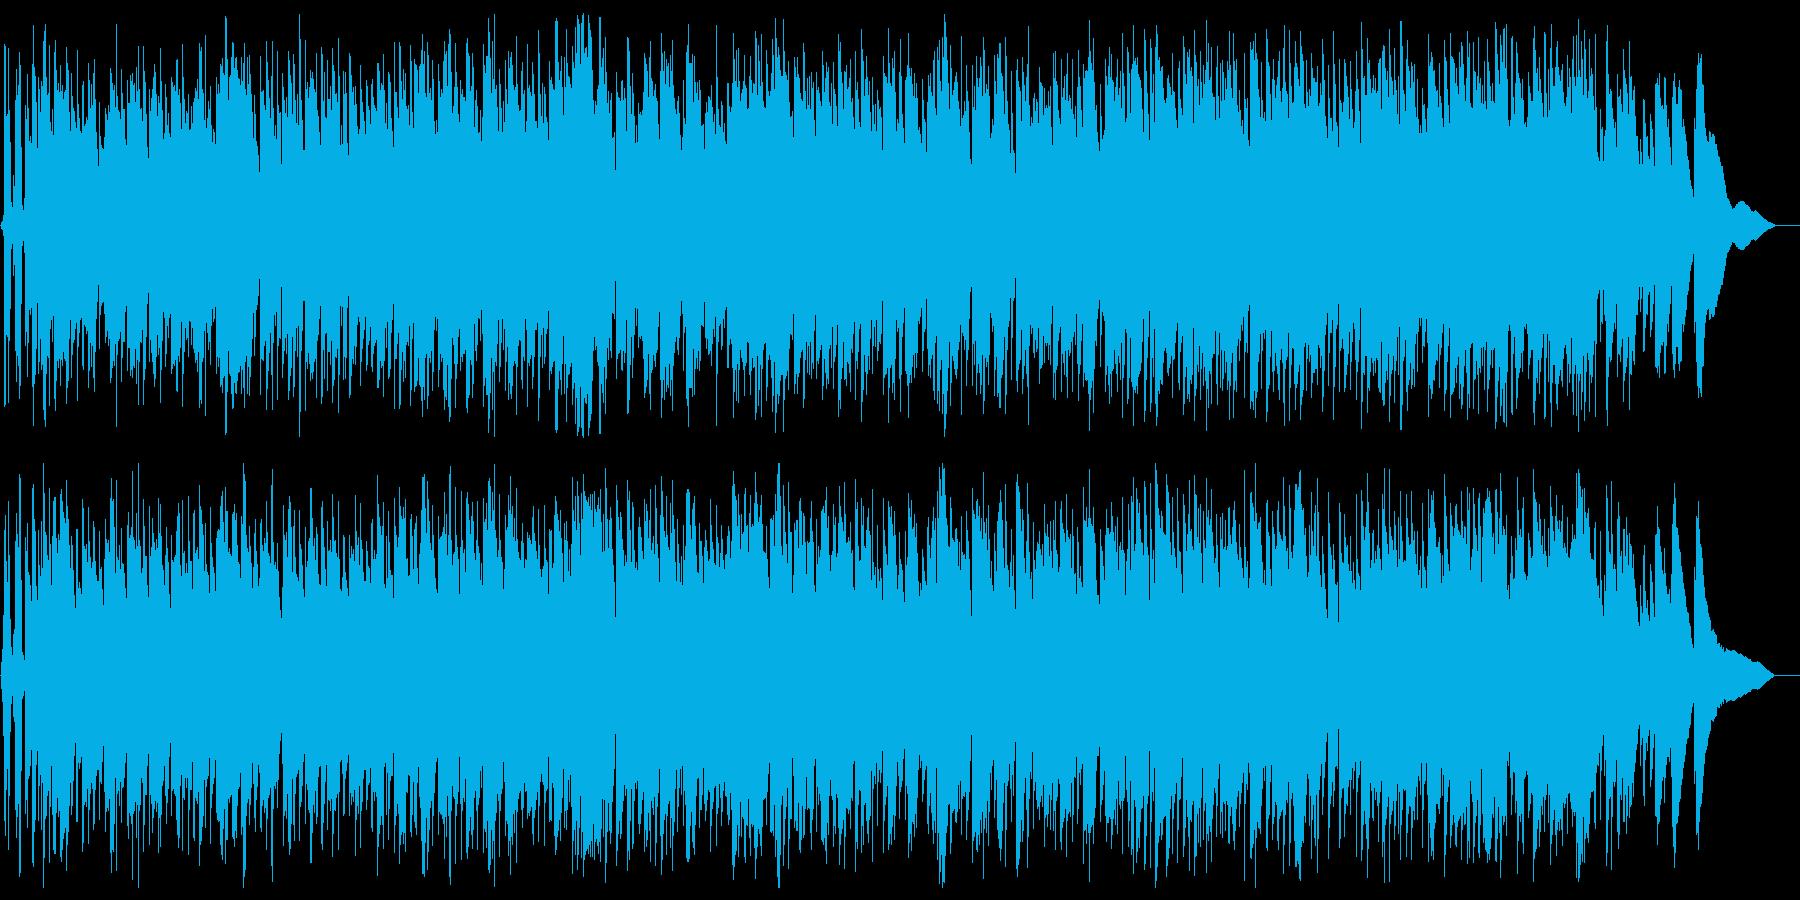 ゆったり爽やかギター弦楽器サウンドの再生済みの波形